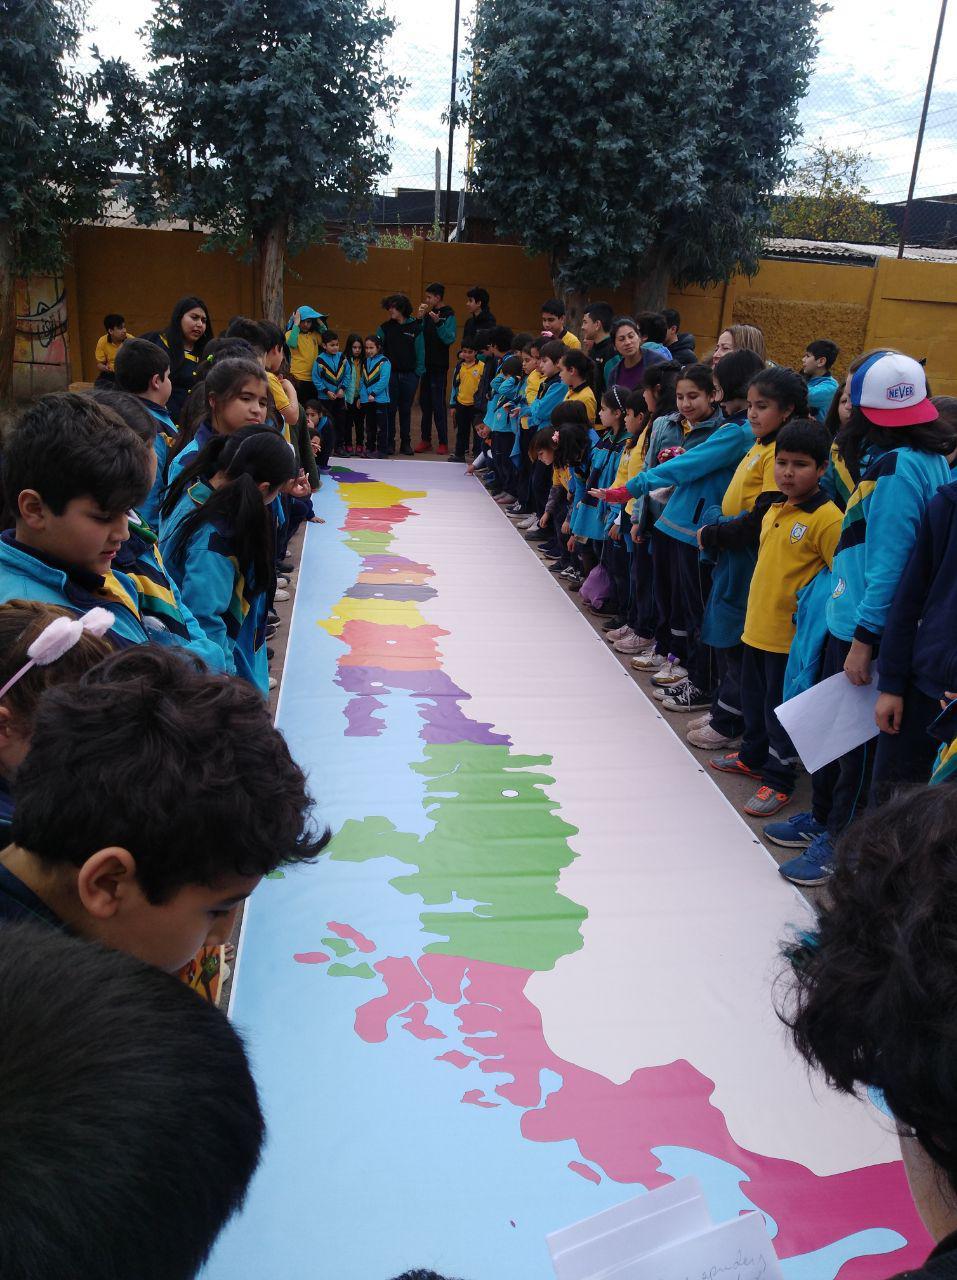 Presentación del Mapa de Chile